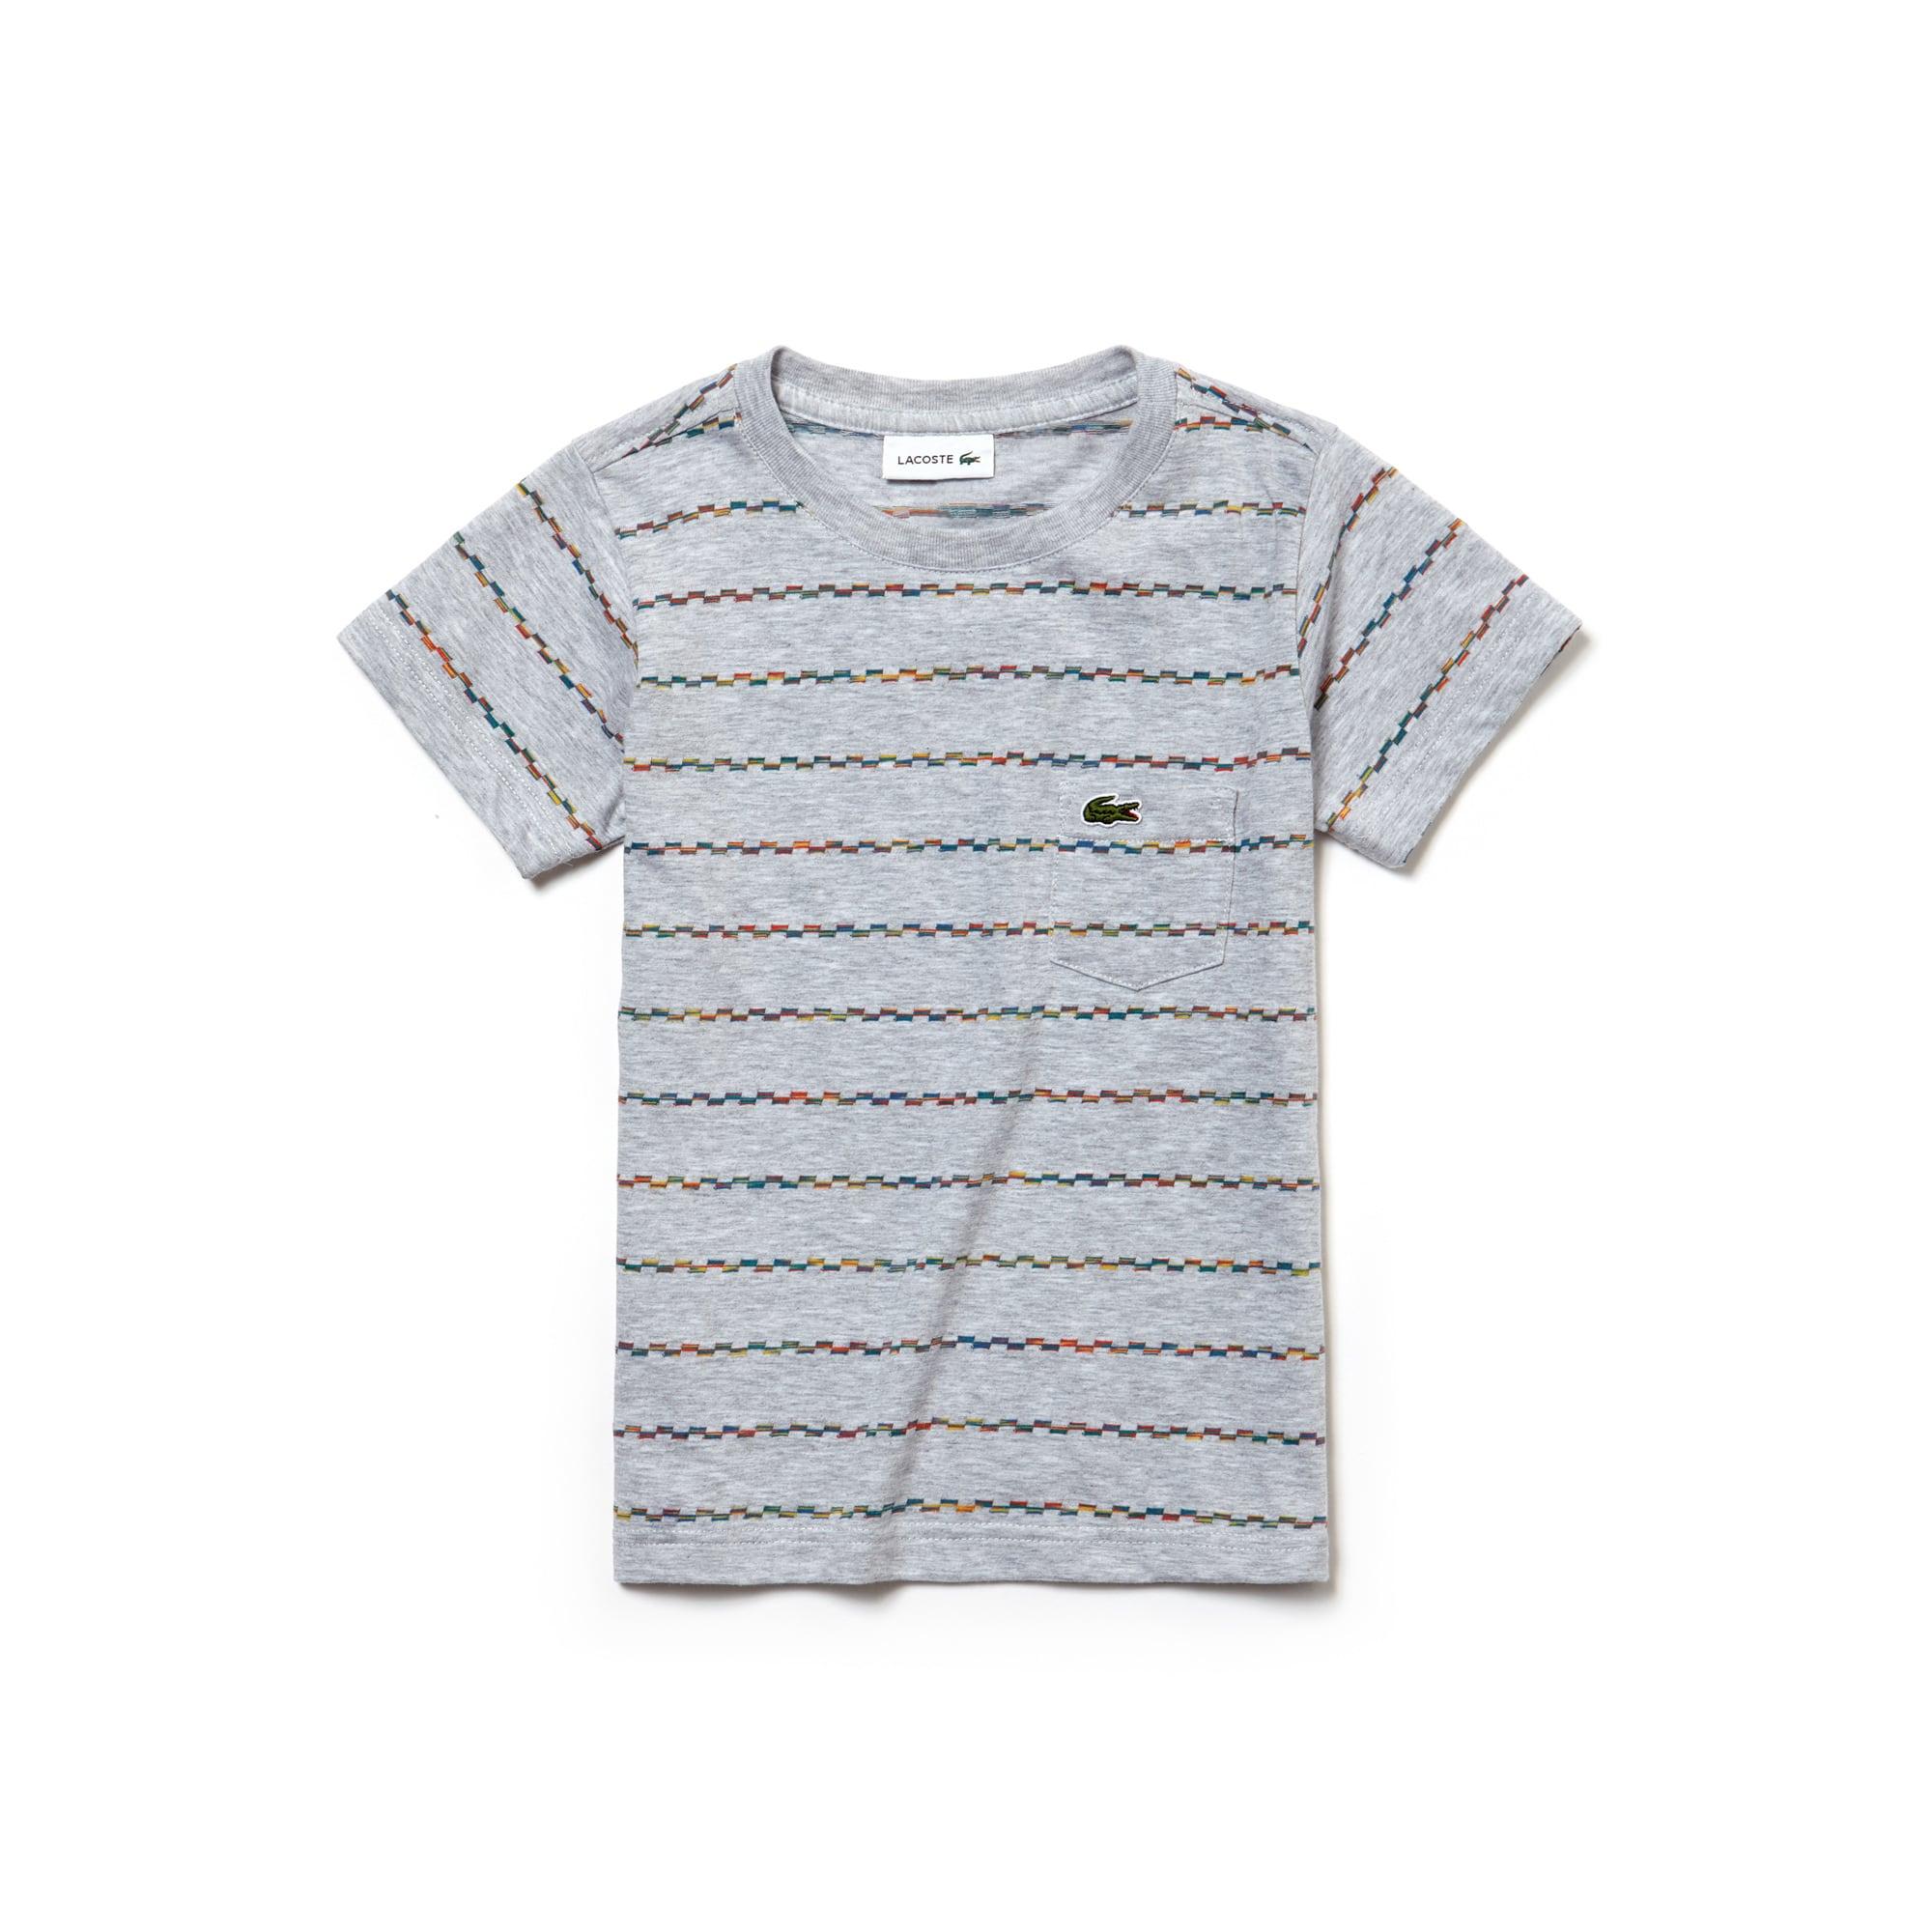 Camiseta de niño con cuello redondo de punto jersey jacquard de rayas multicolores